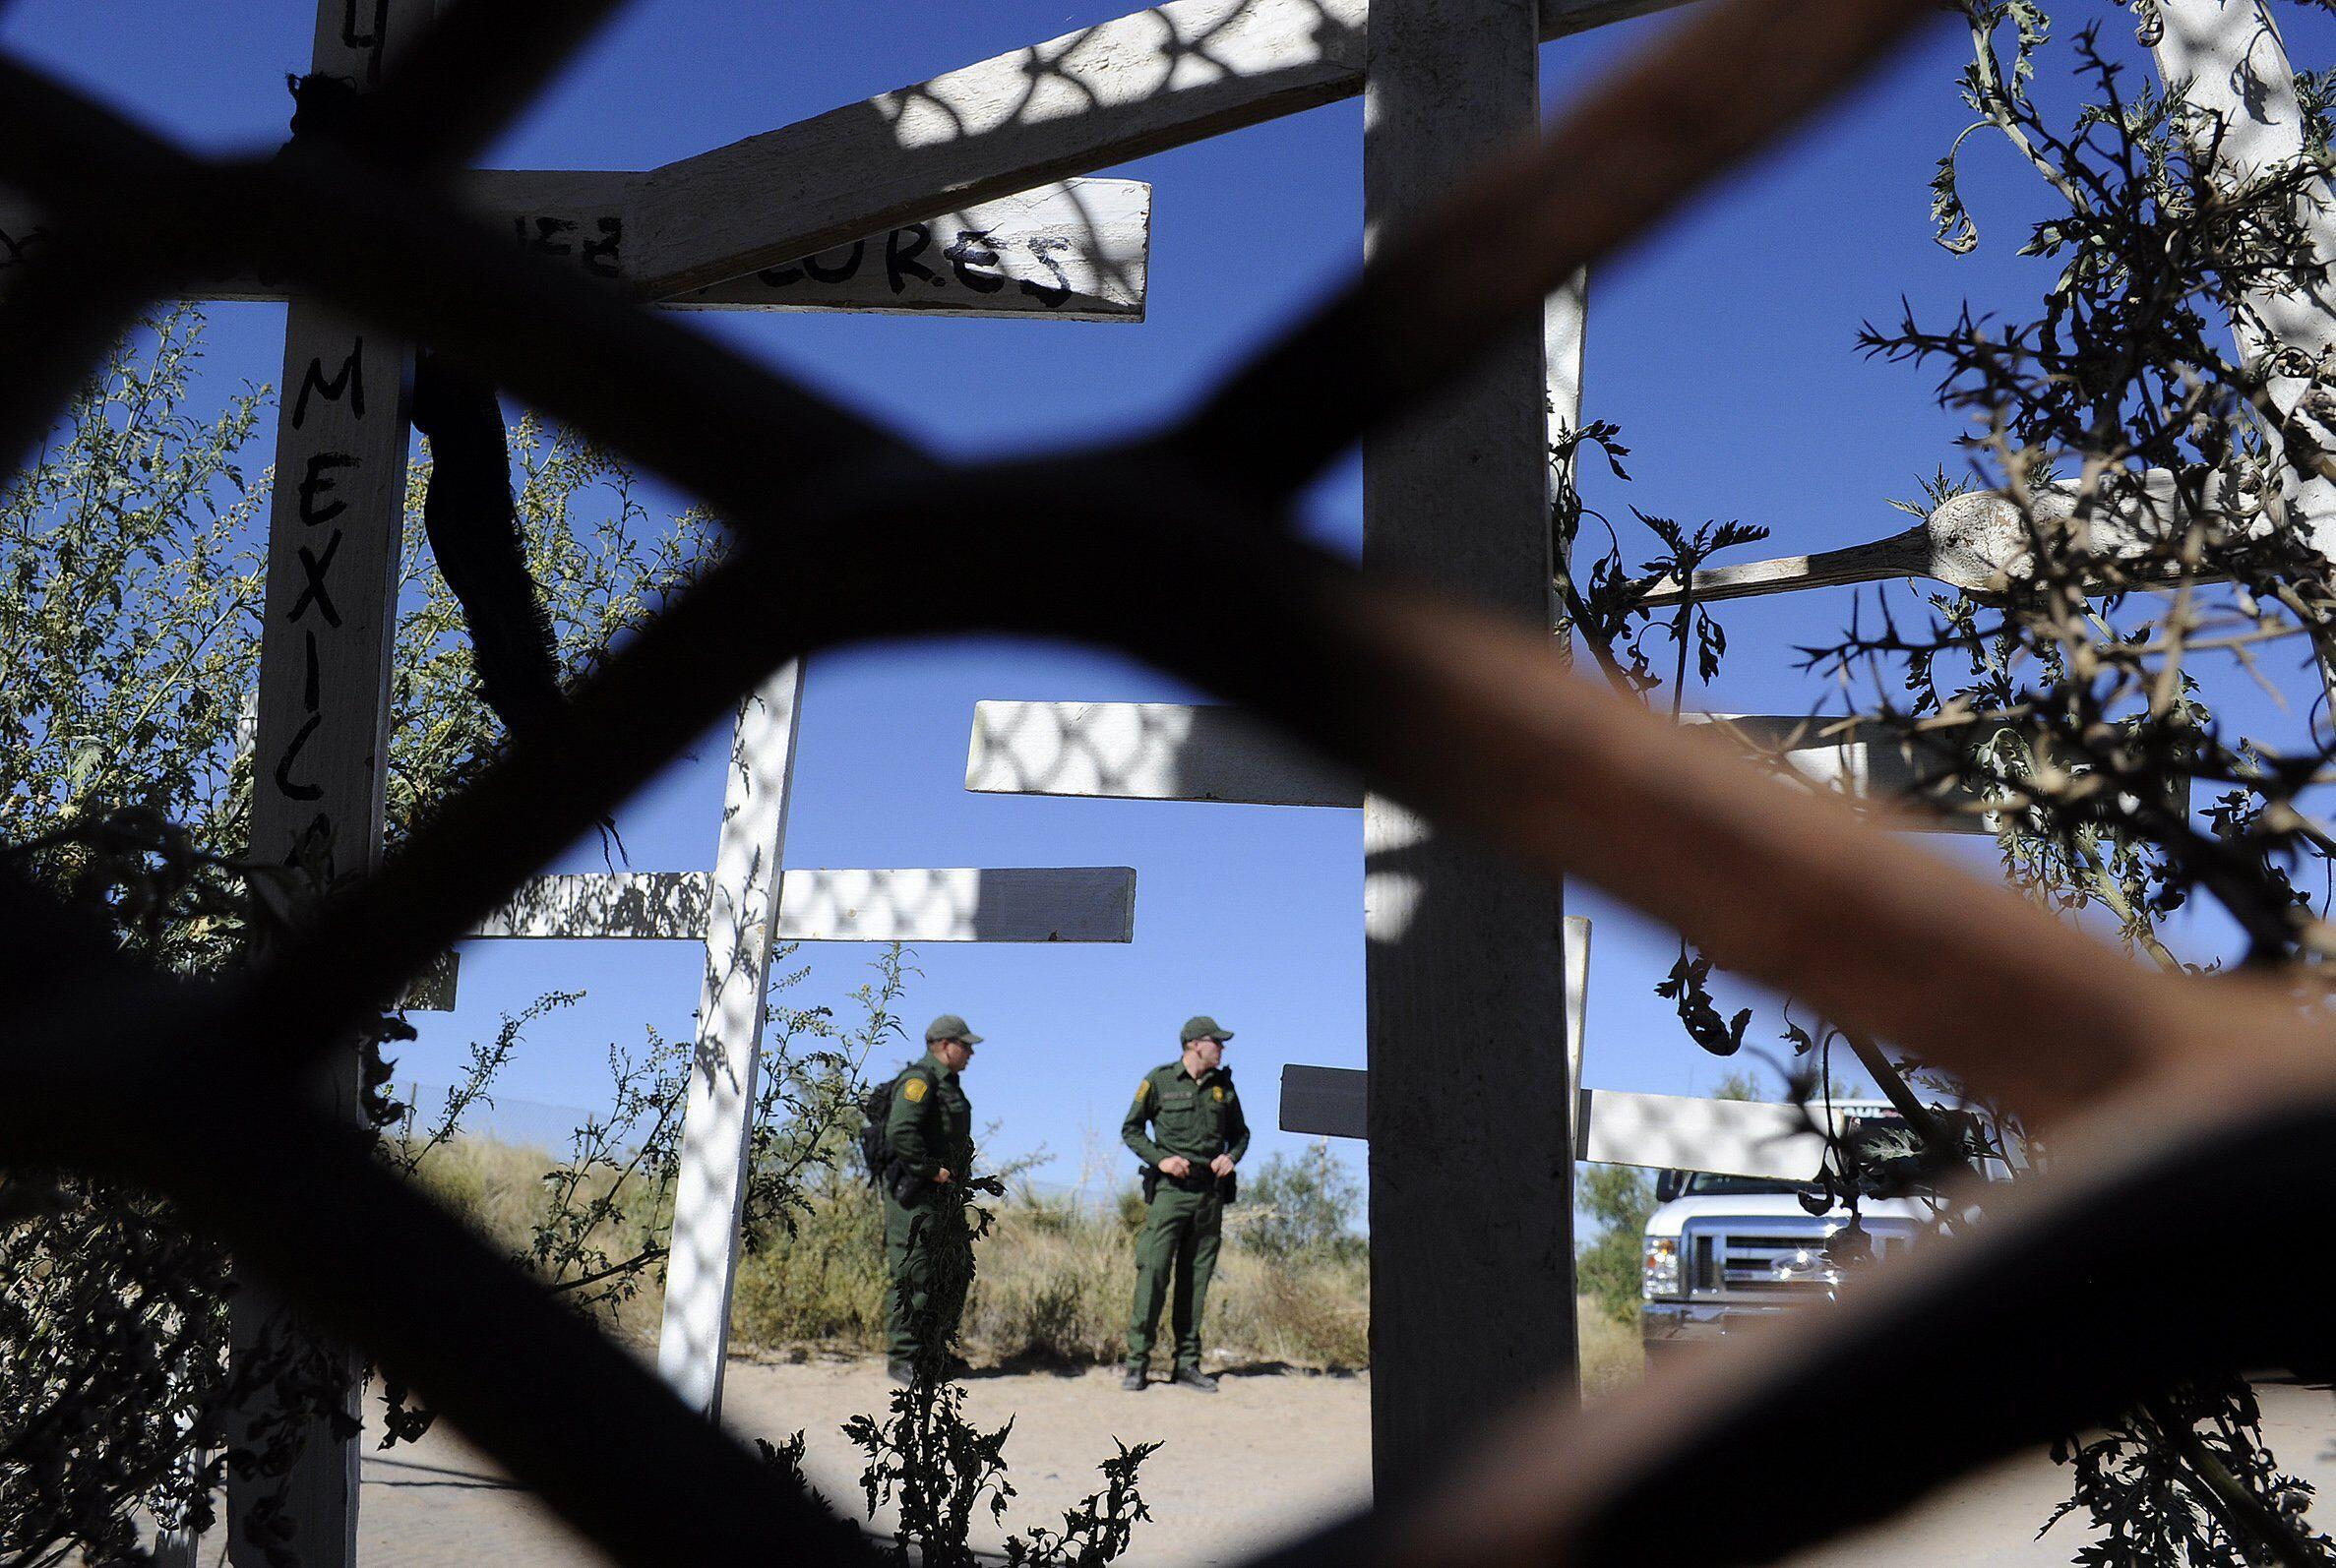 La frontera con EE. UU. en Ciudad Juárez. La última en cruzarse delante del sueño de miles de inmigrantes latinoamericanos cada año.